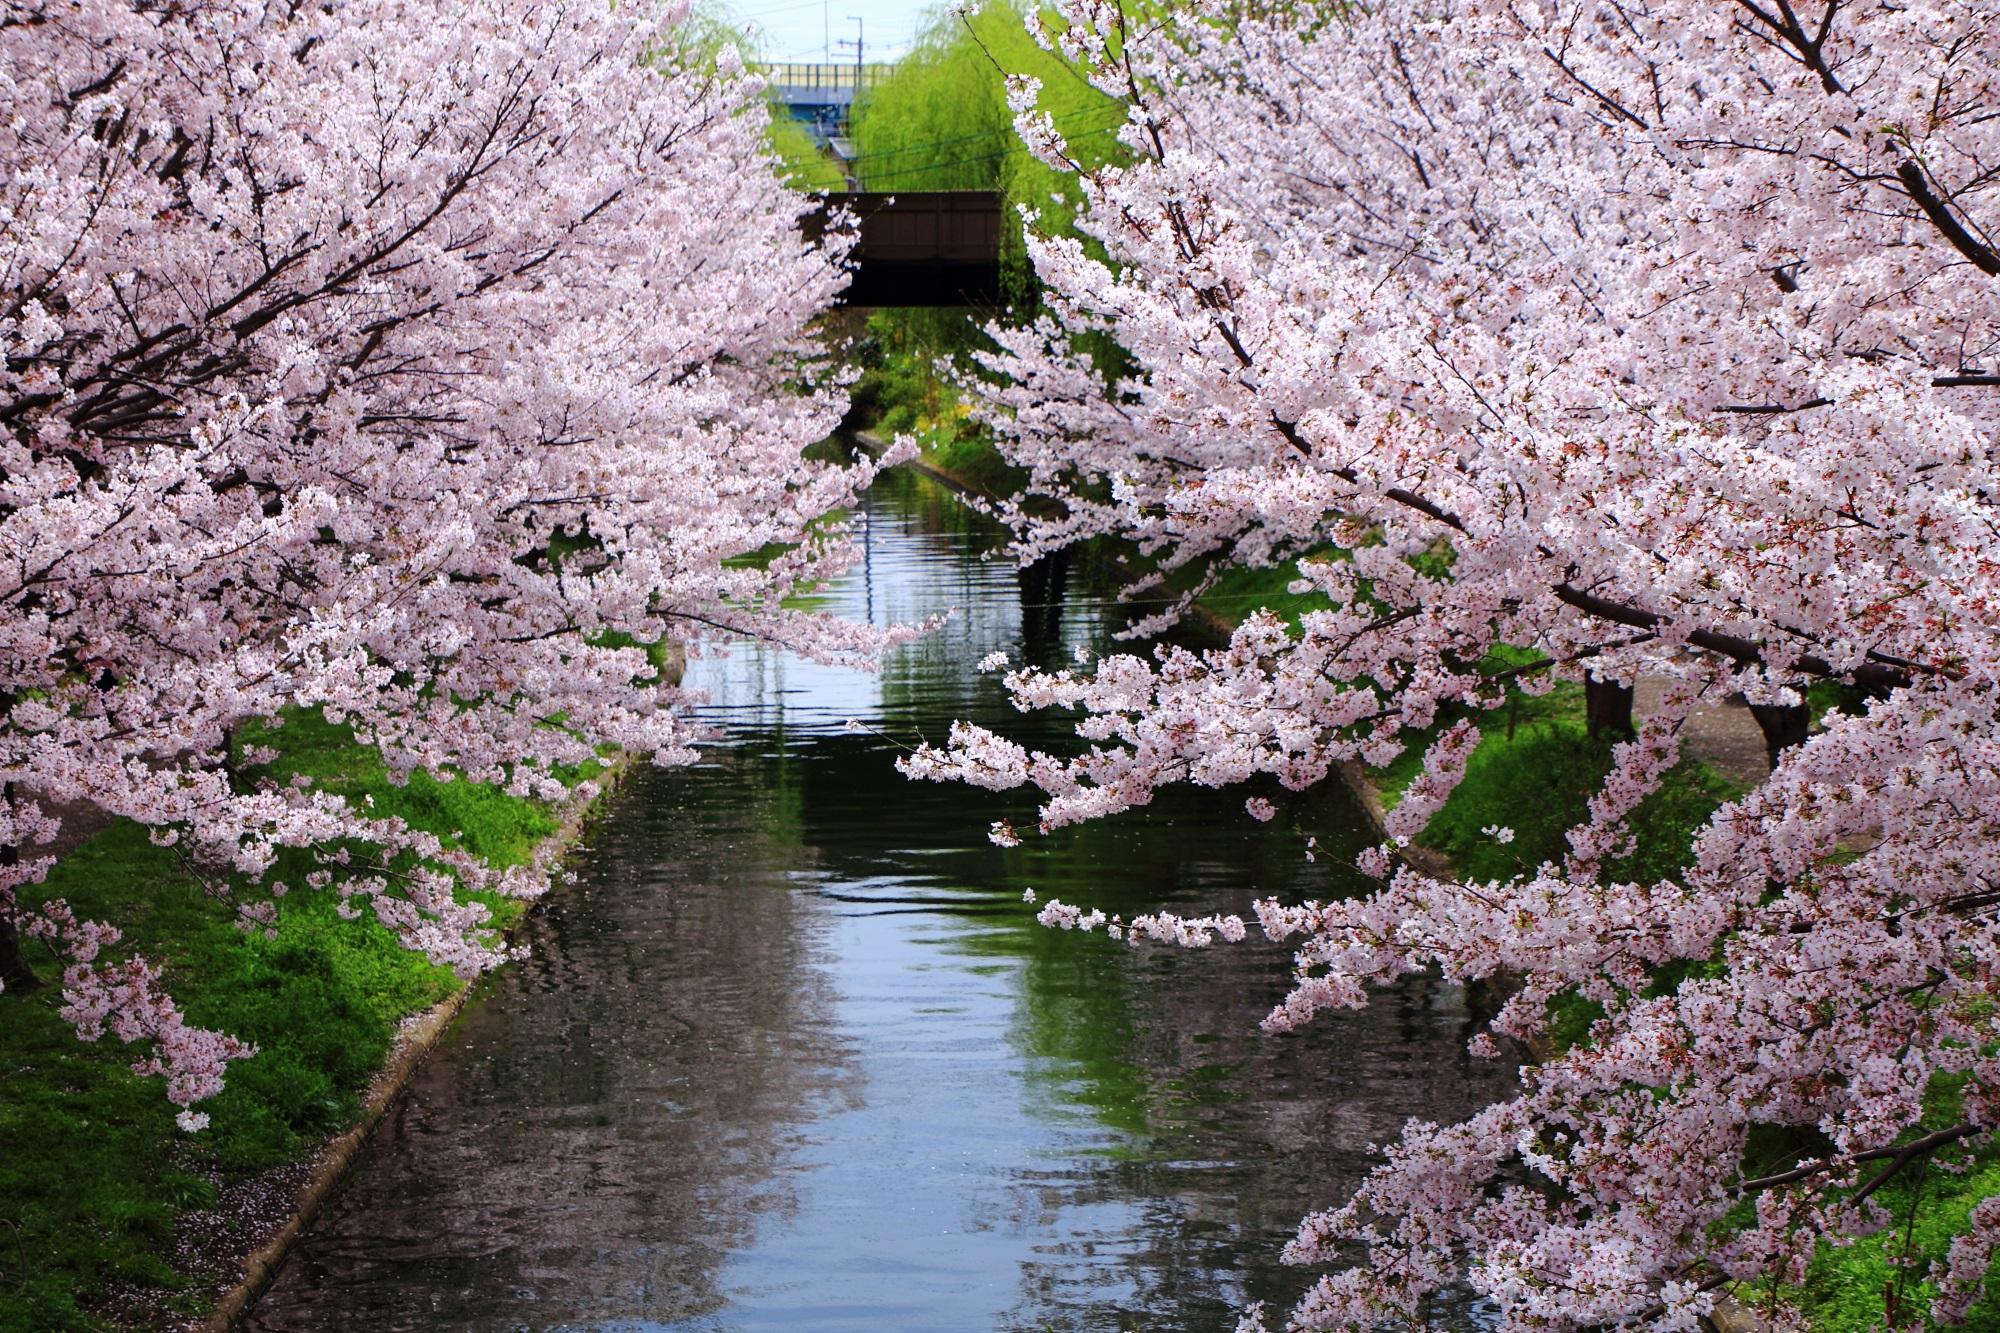 宇治川派流沿いに続く桜並木